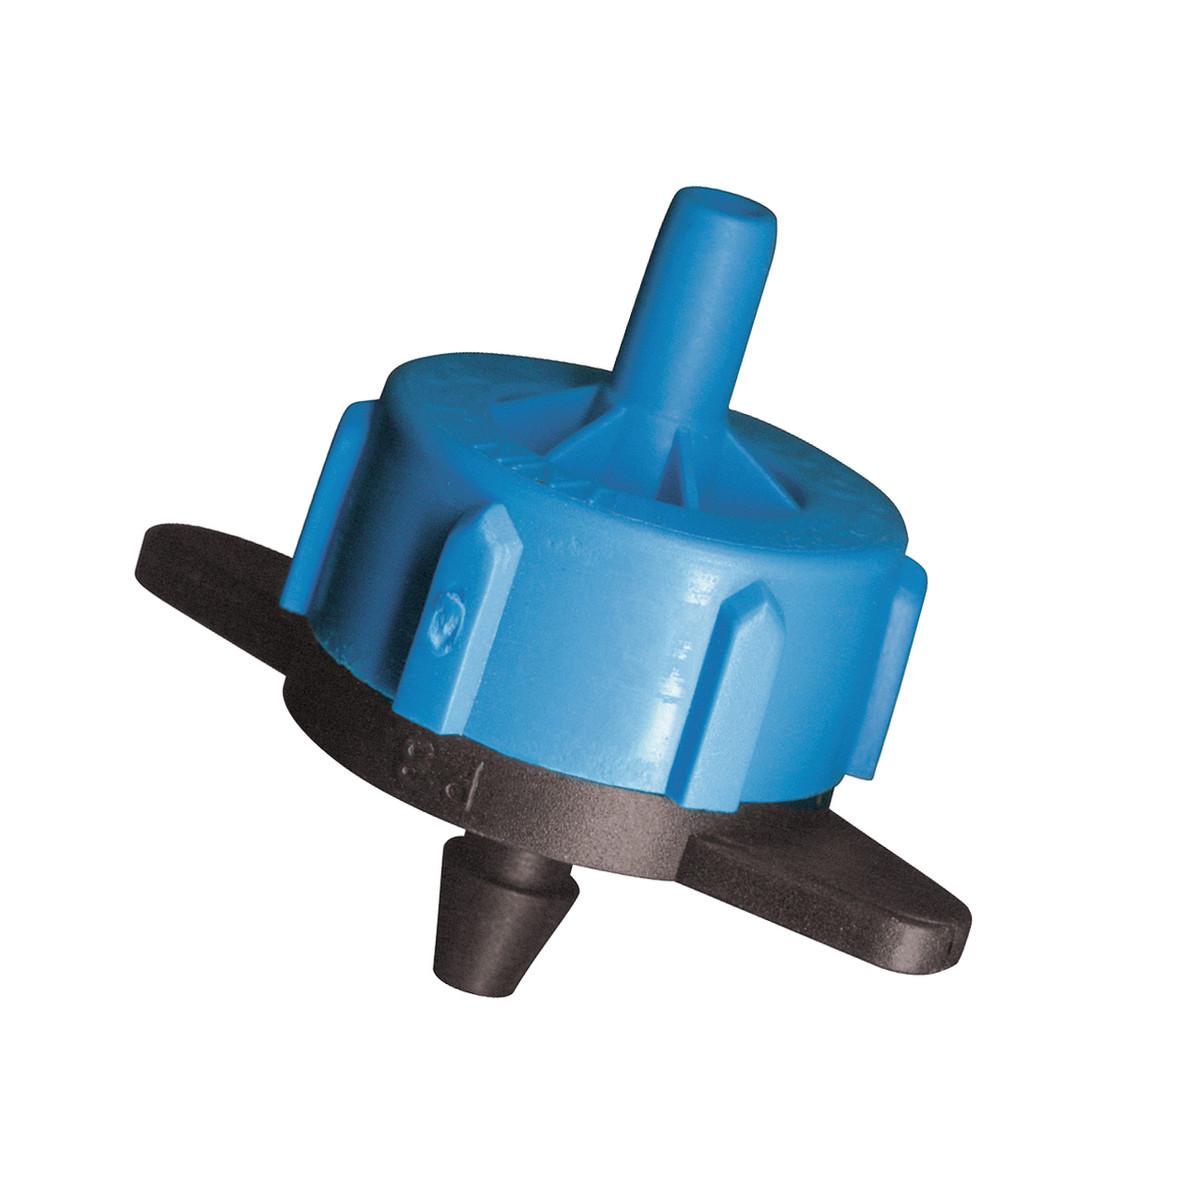 Rain astina per fissaggio gocciolatori h 310mm prezzo e for Geolia irrigazione